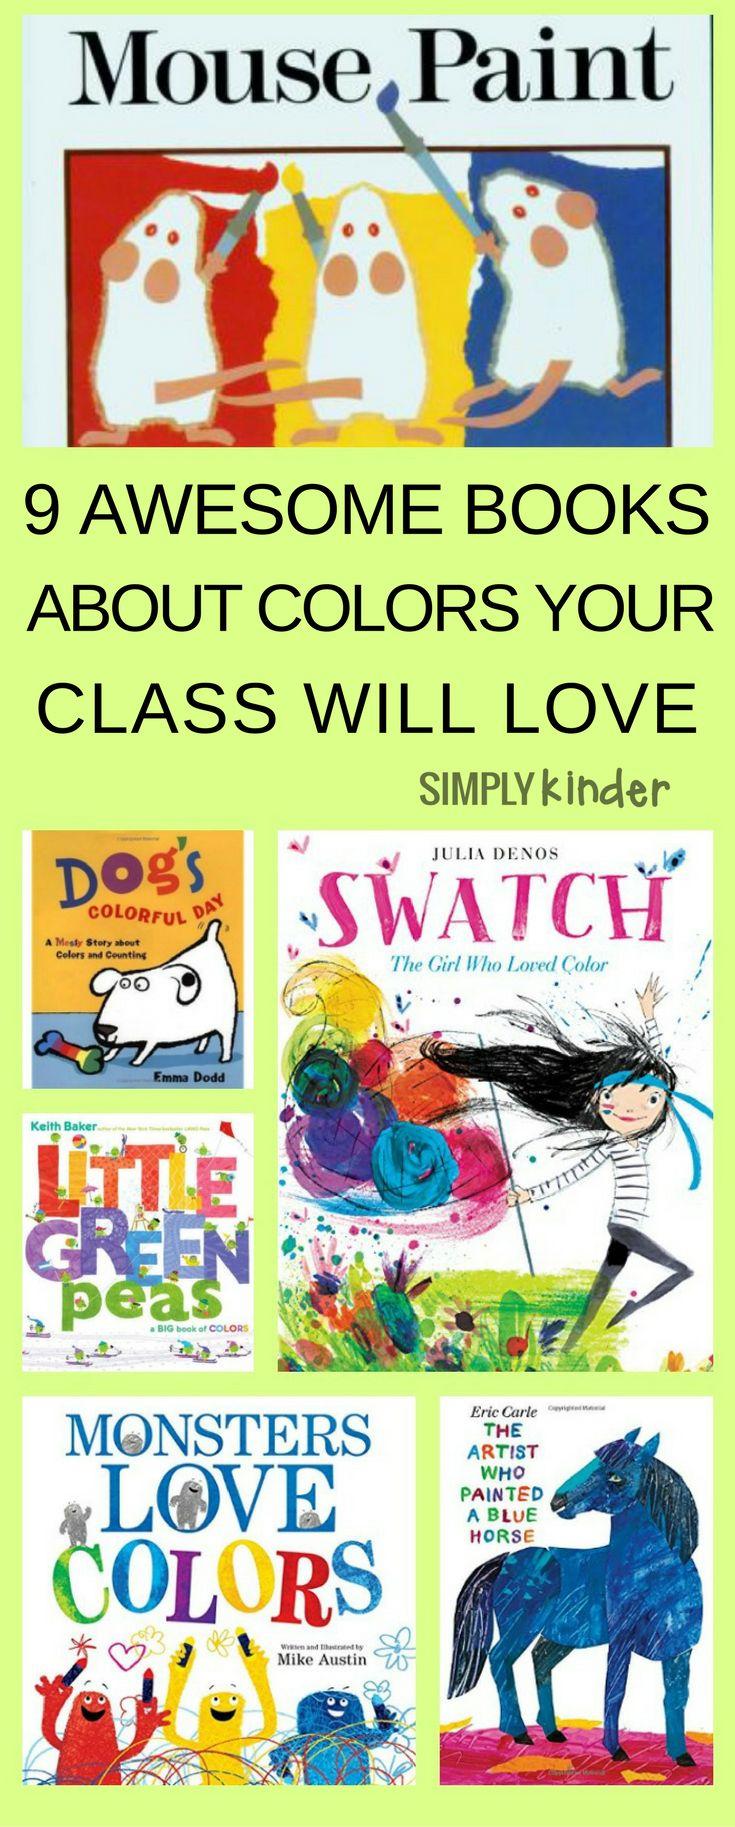 27 best color images on Pinterest | Preschool colors, Color ...